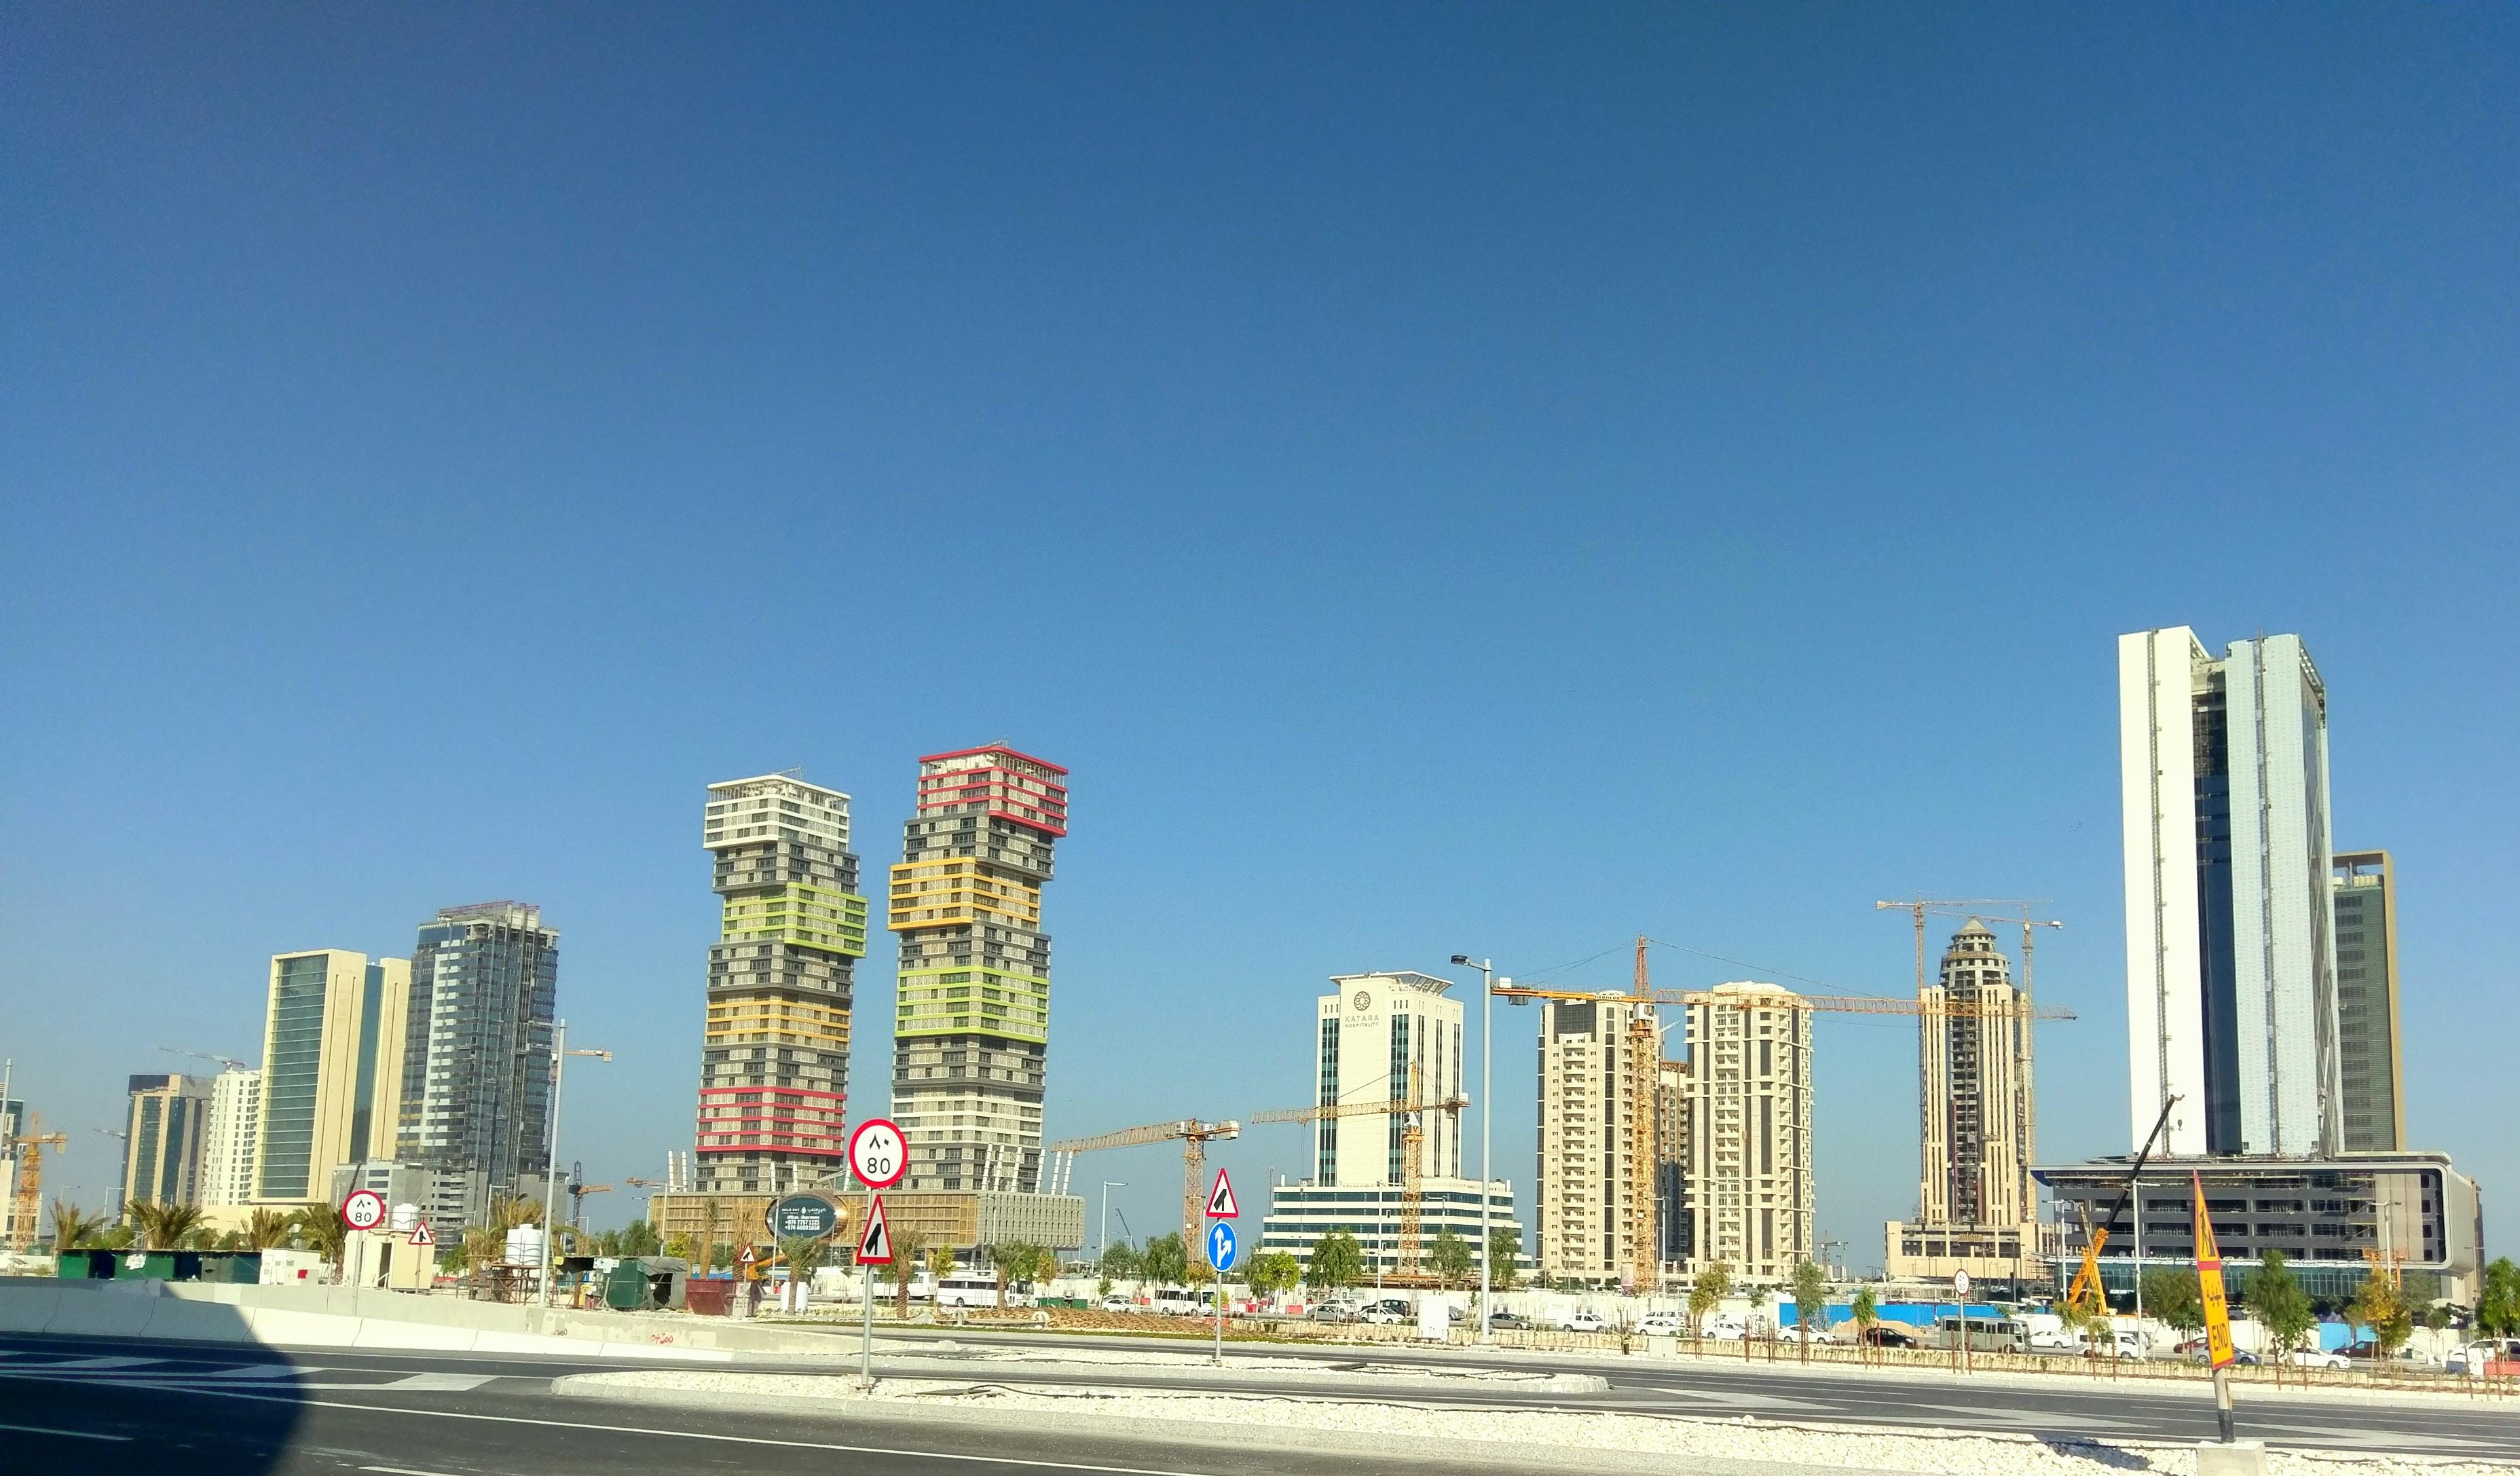 Lavorare In Qatar Architetto lusail - wikipedia